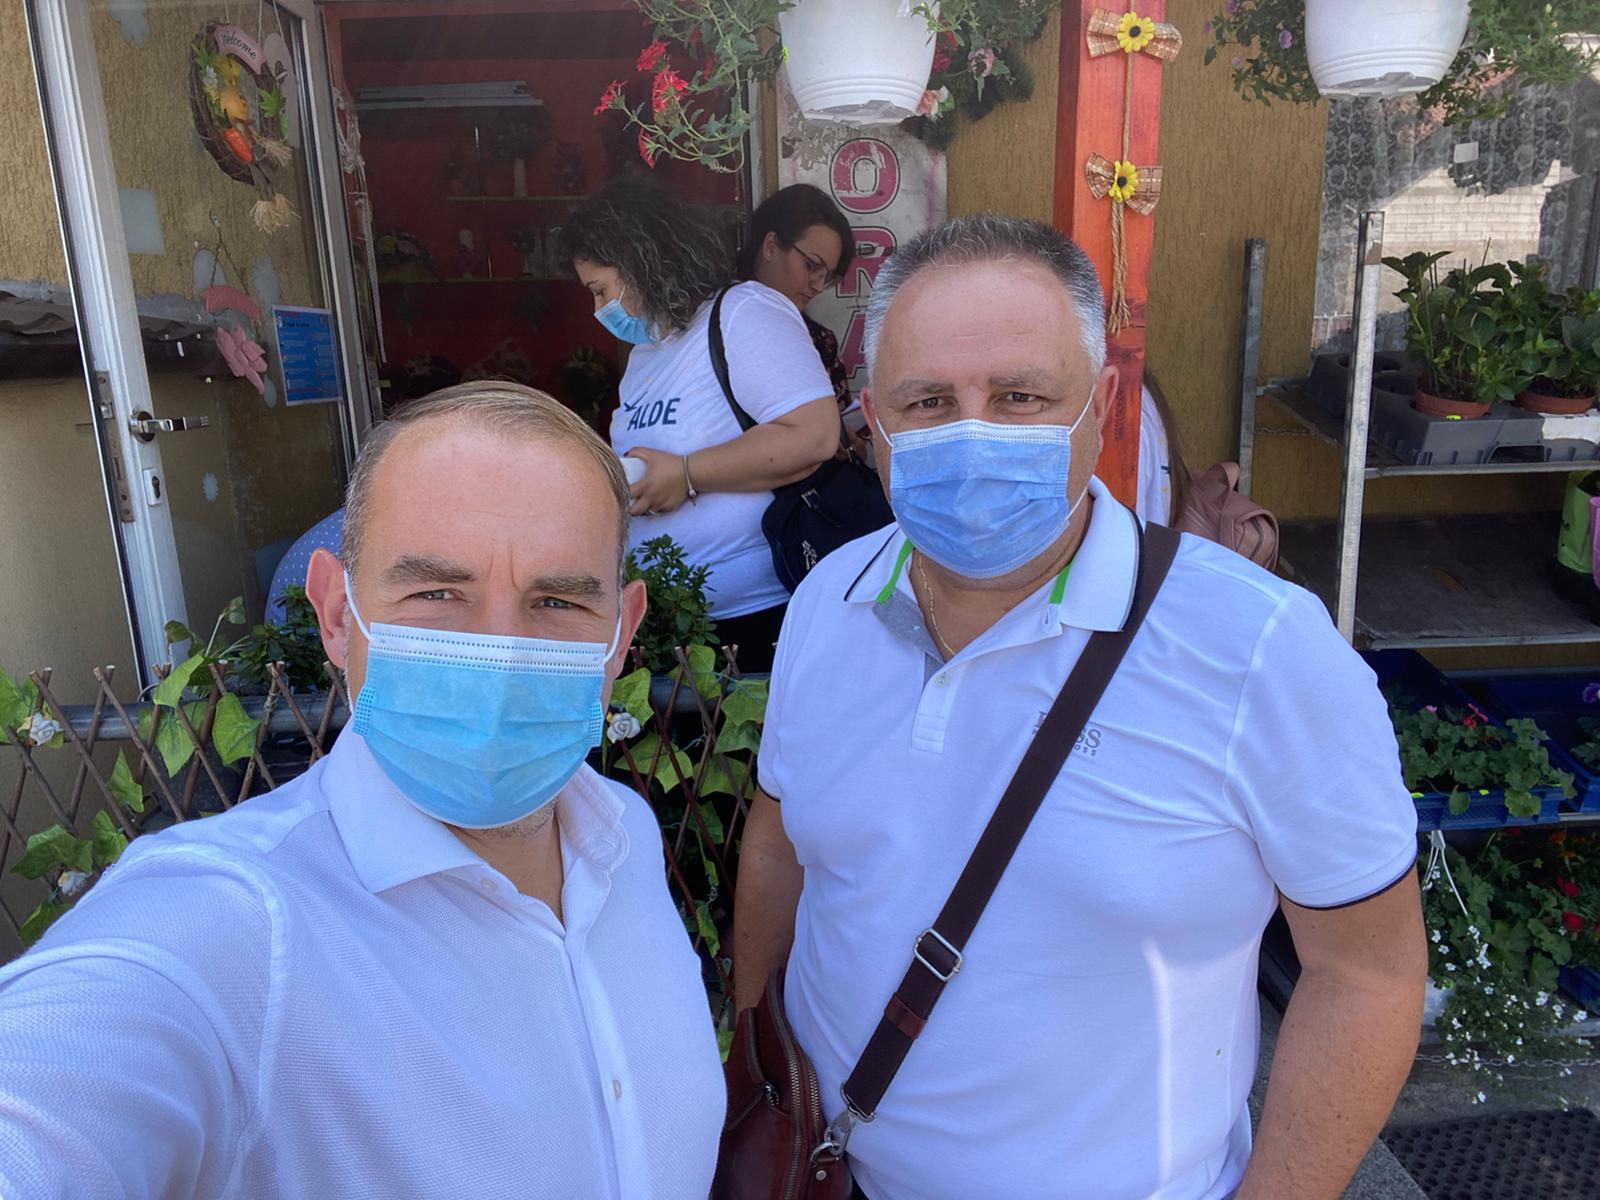 ALDE: Sibienii au confirmat prin numărul mare de semnături că Horaţiu Marin şi Cosmin Balcu sunt schimbarea de care Sibiul are nevoie